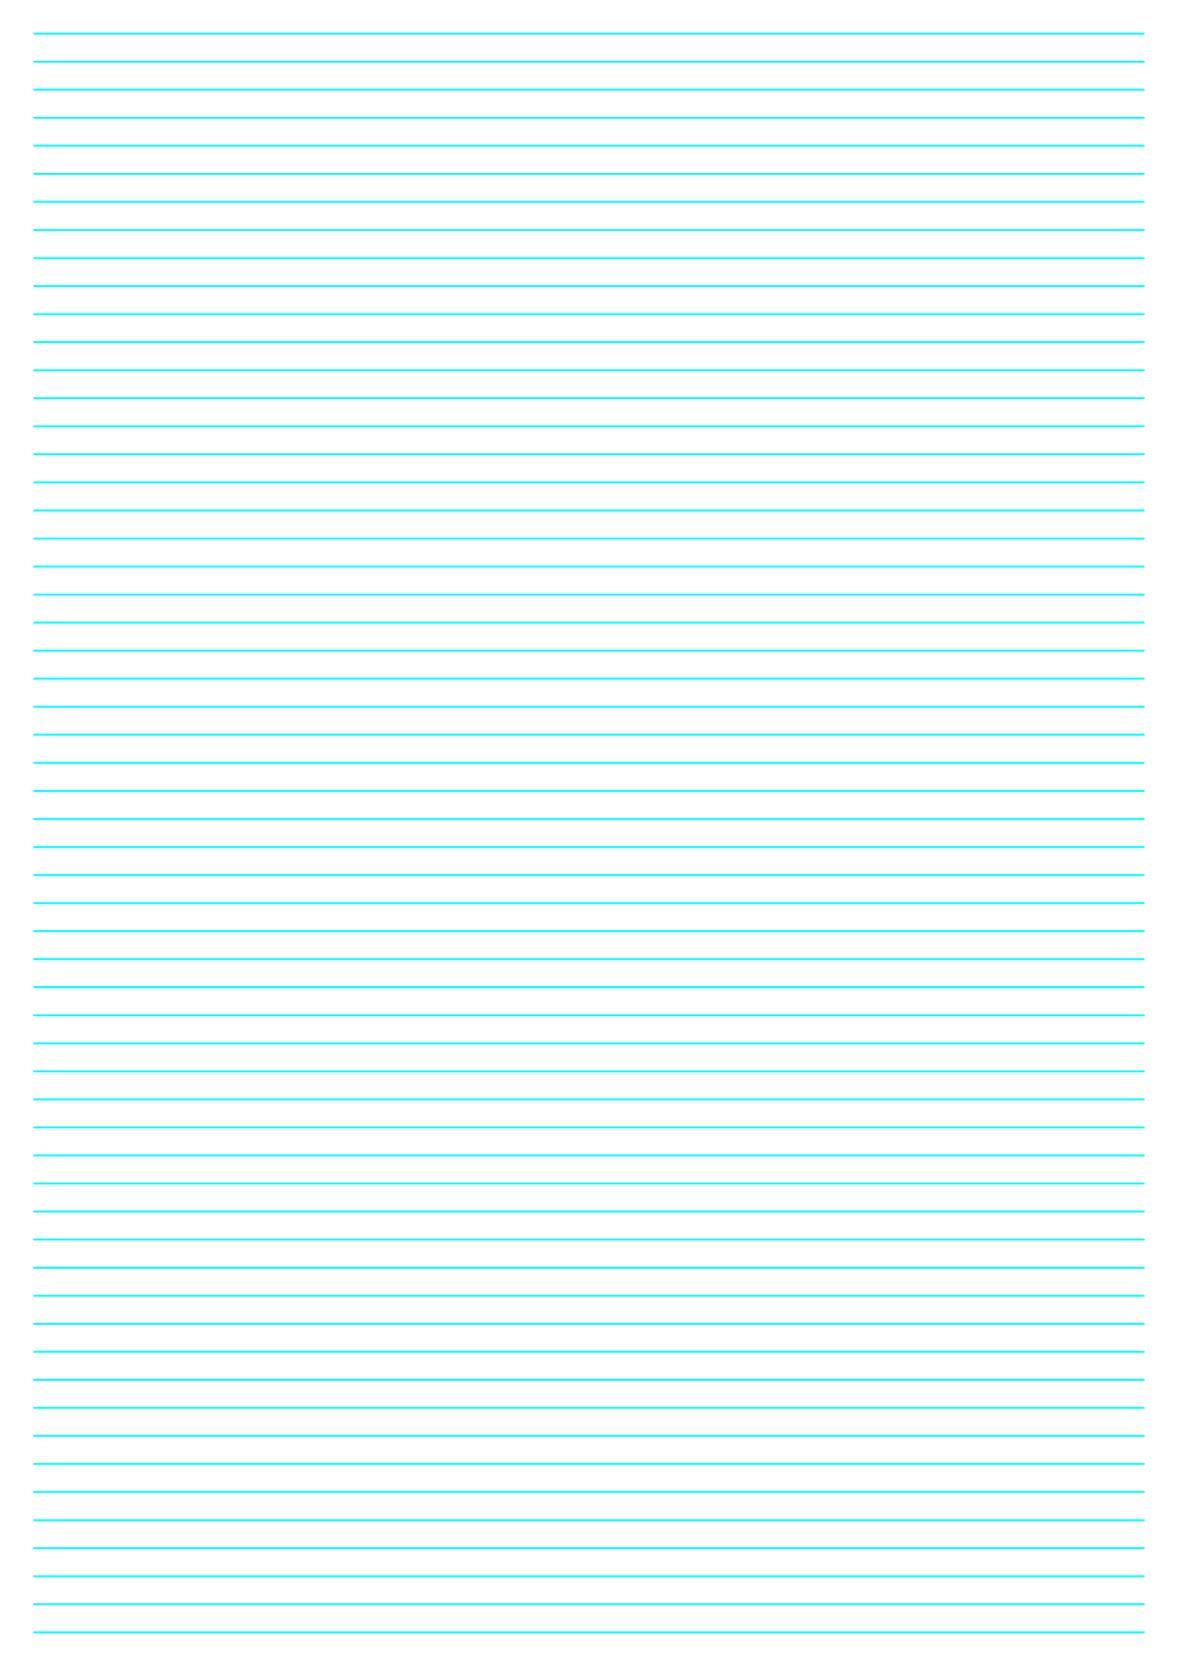 Kostenloses Briefpapier mit Linien - Briefpapier-Vorlagen zum selbst ...